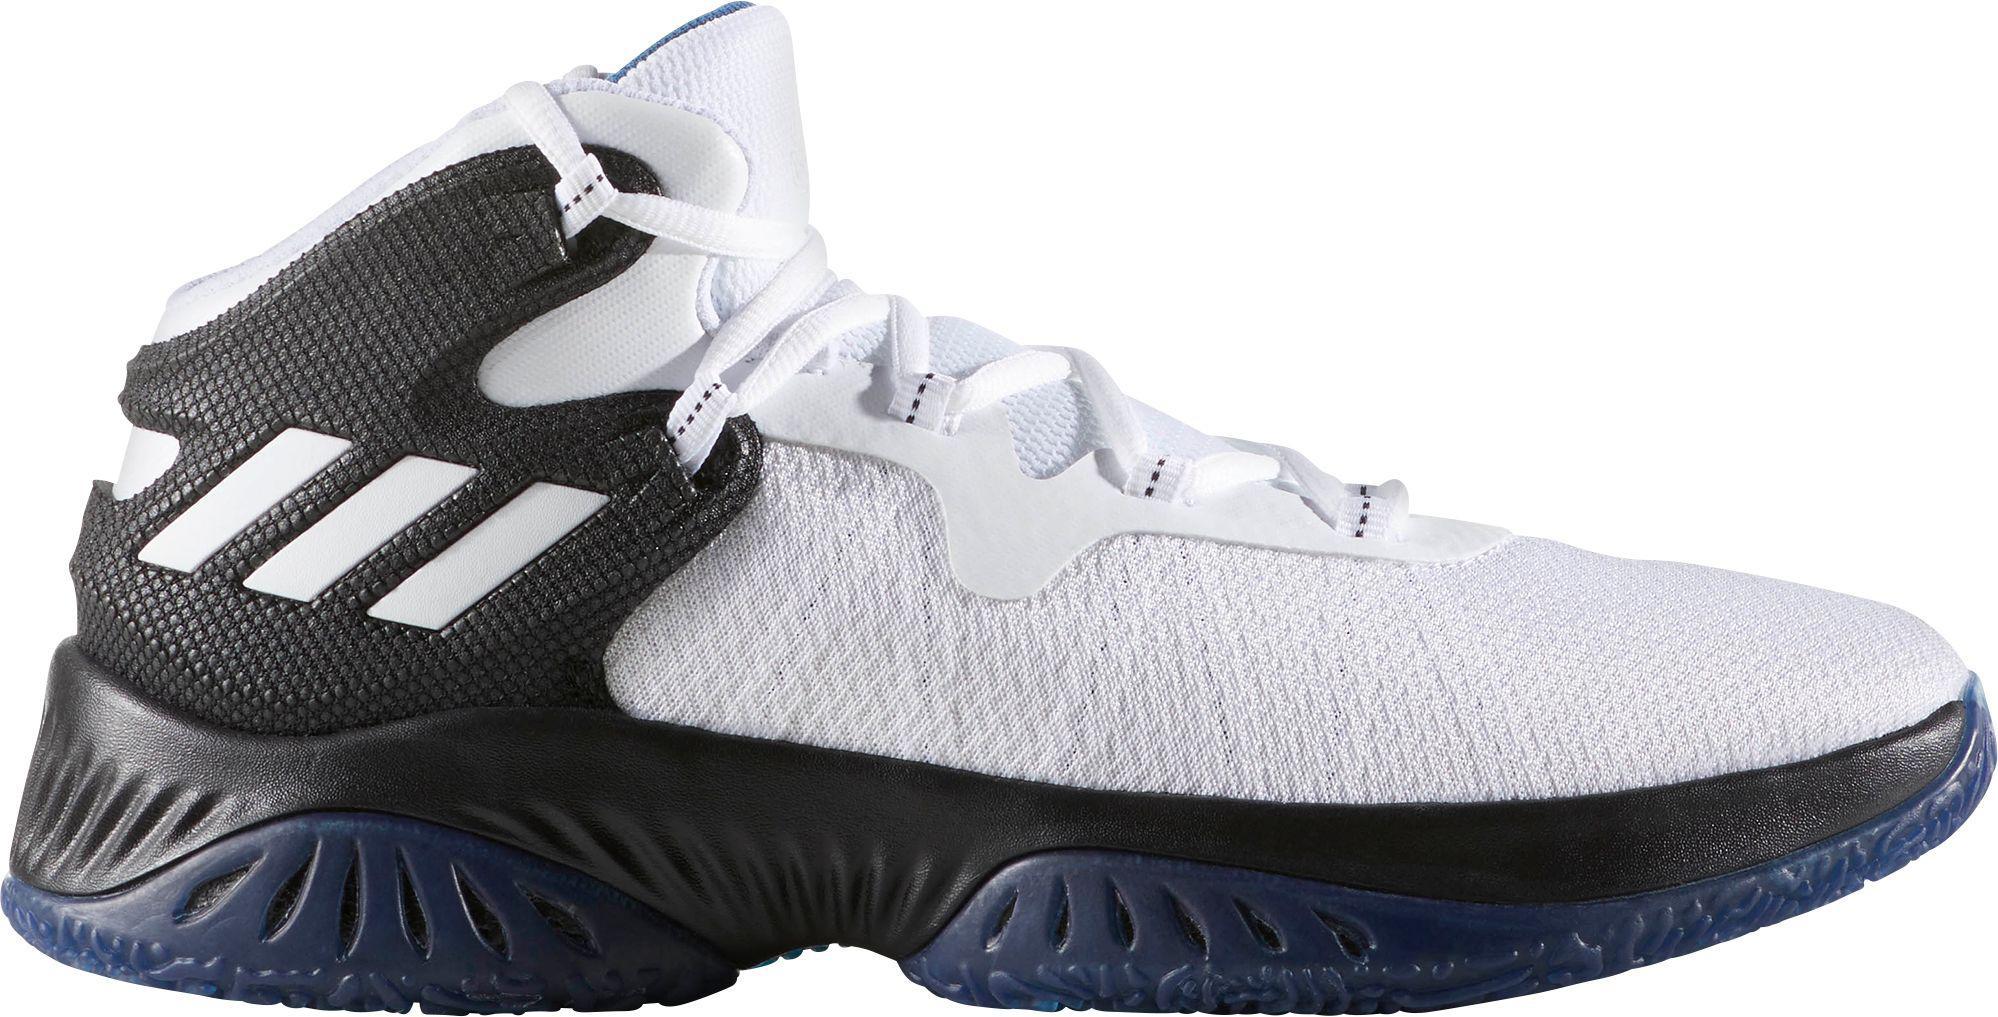 lyst adidas esplosivo rimbalzare scarpe da basket in bianco per gli uomini.